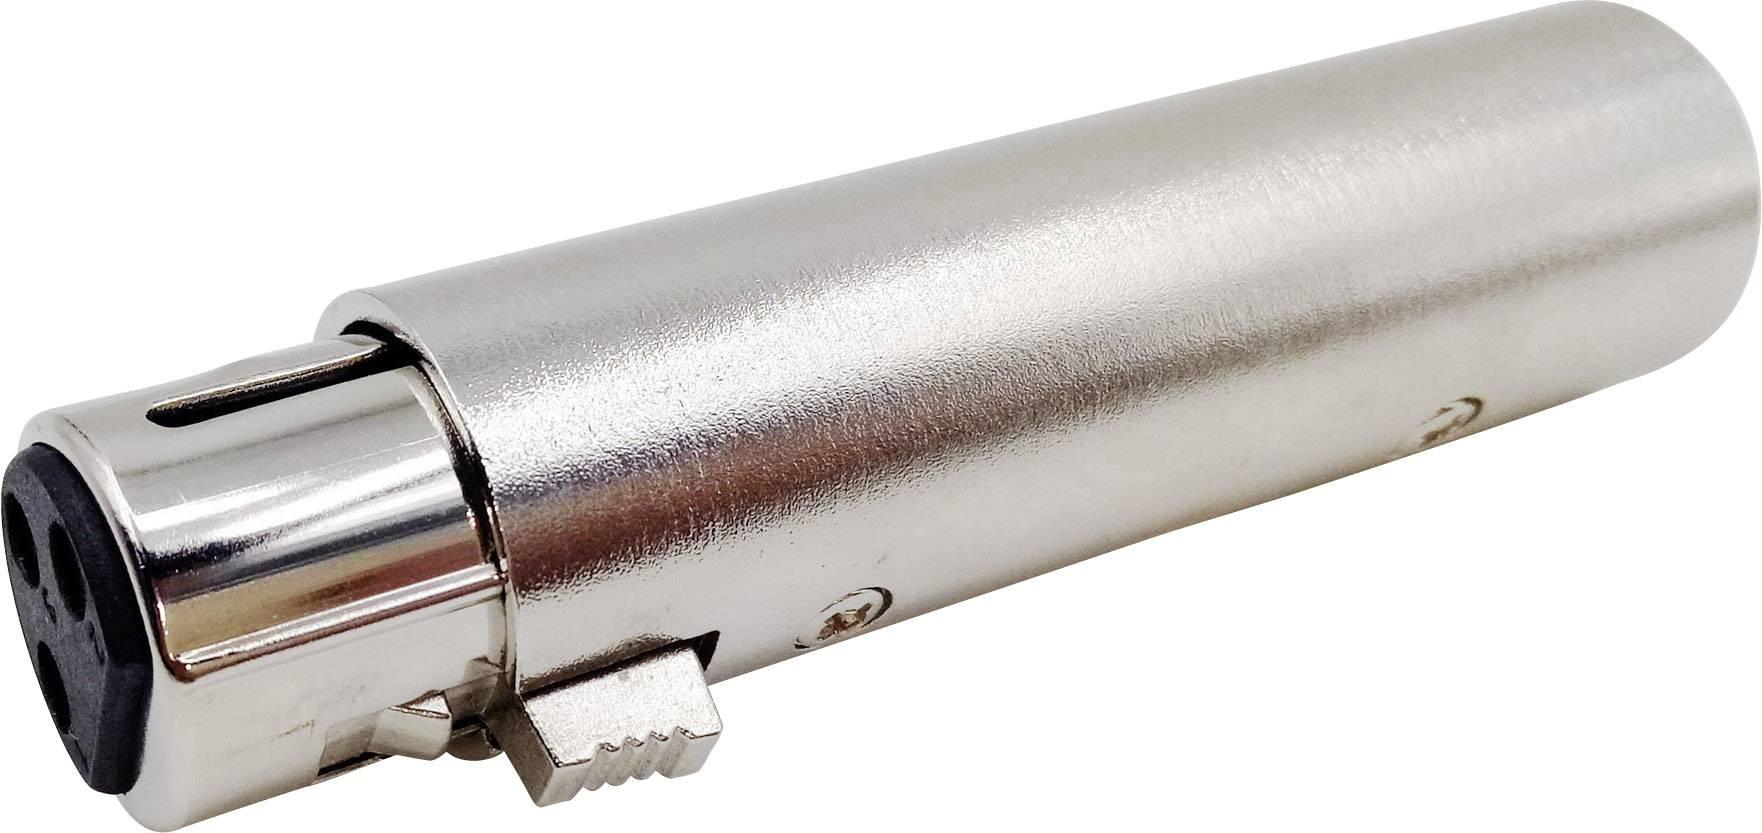 XLR adaptér XLR zástrčka - XLR zásuvka Conrad Components 1408842, stereo, pólů 3, 1 ks